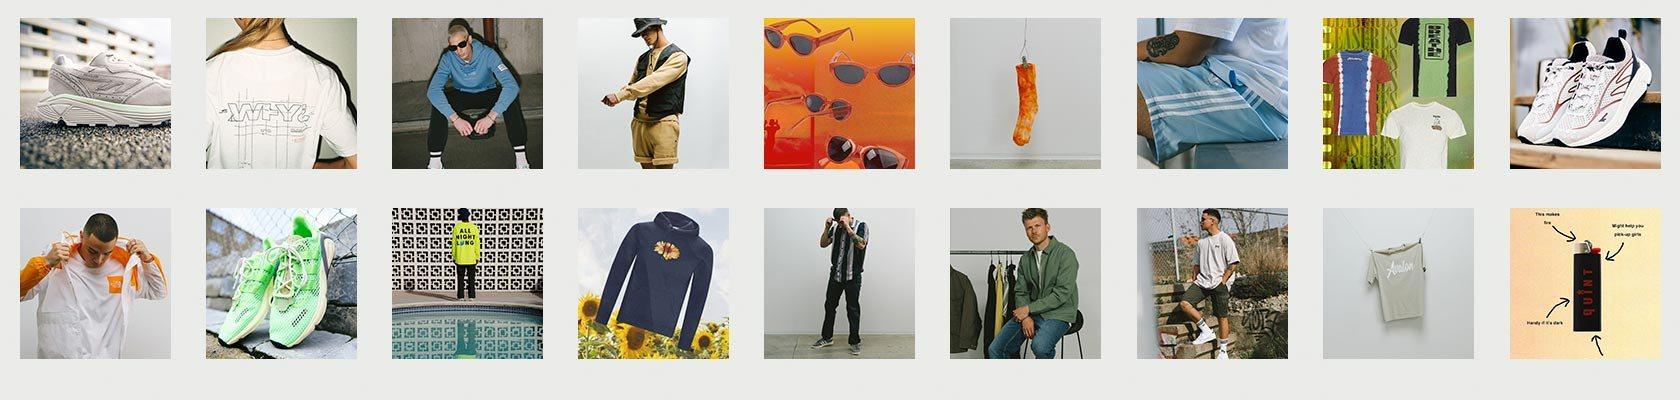 qUINT Instagram